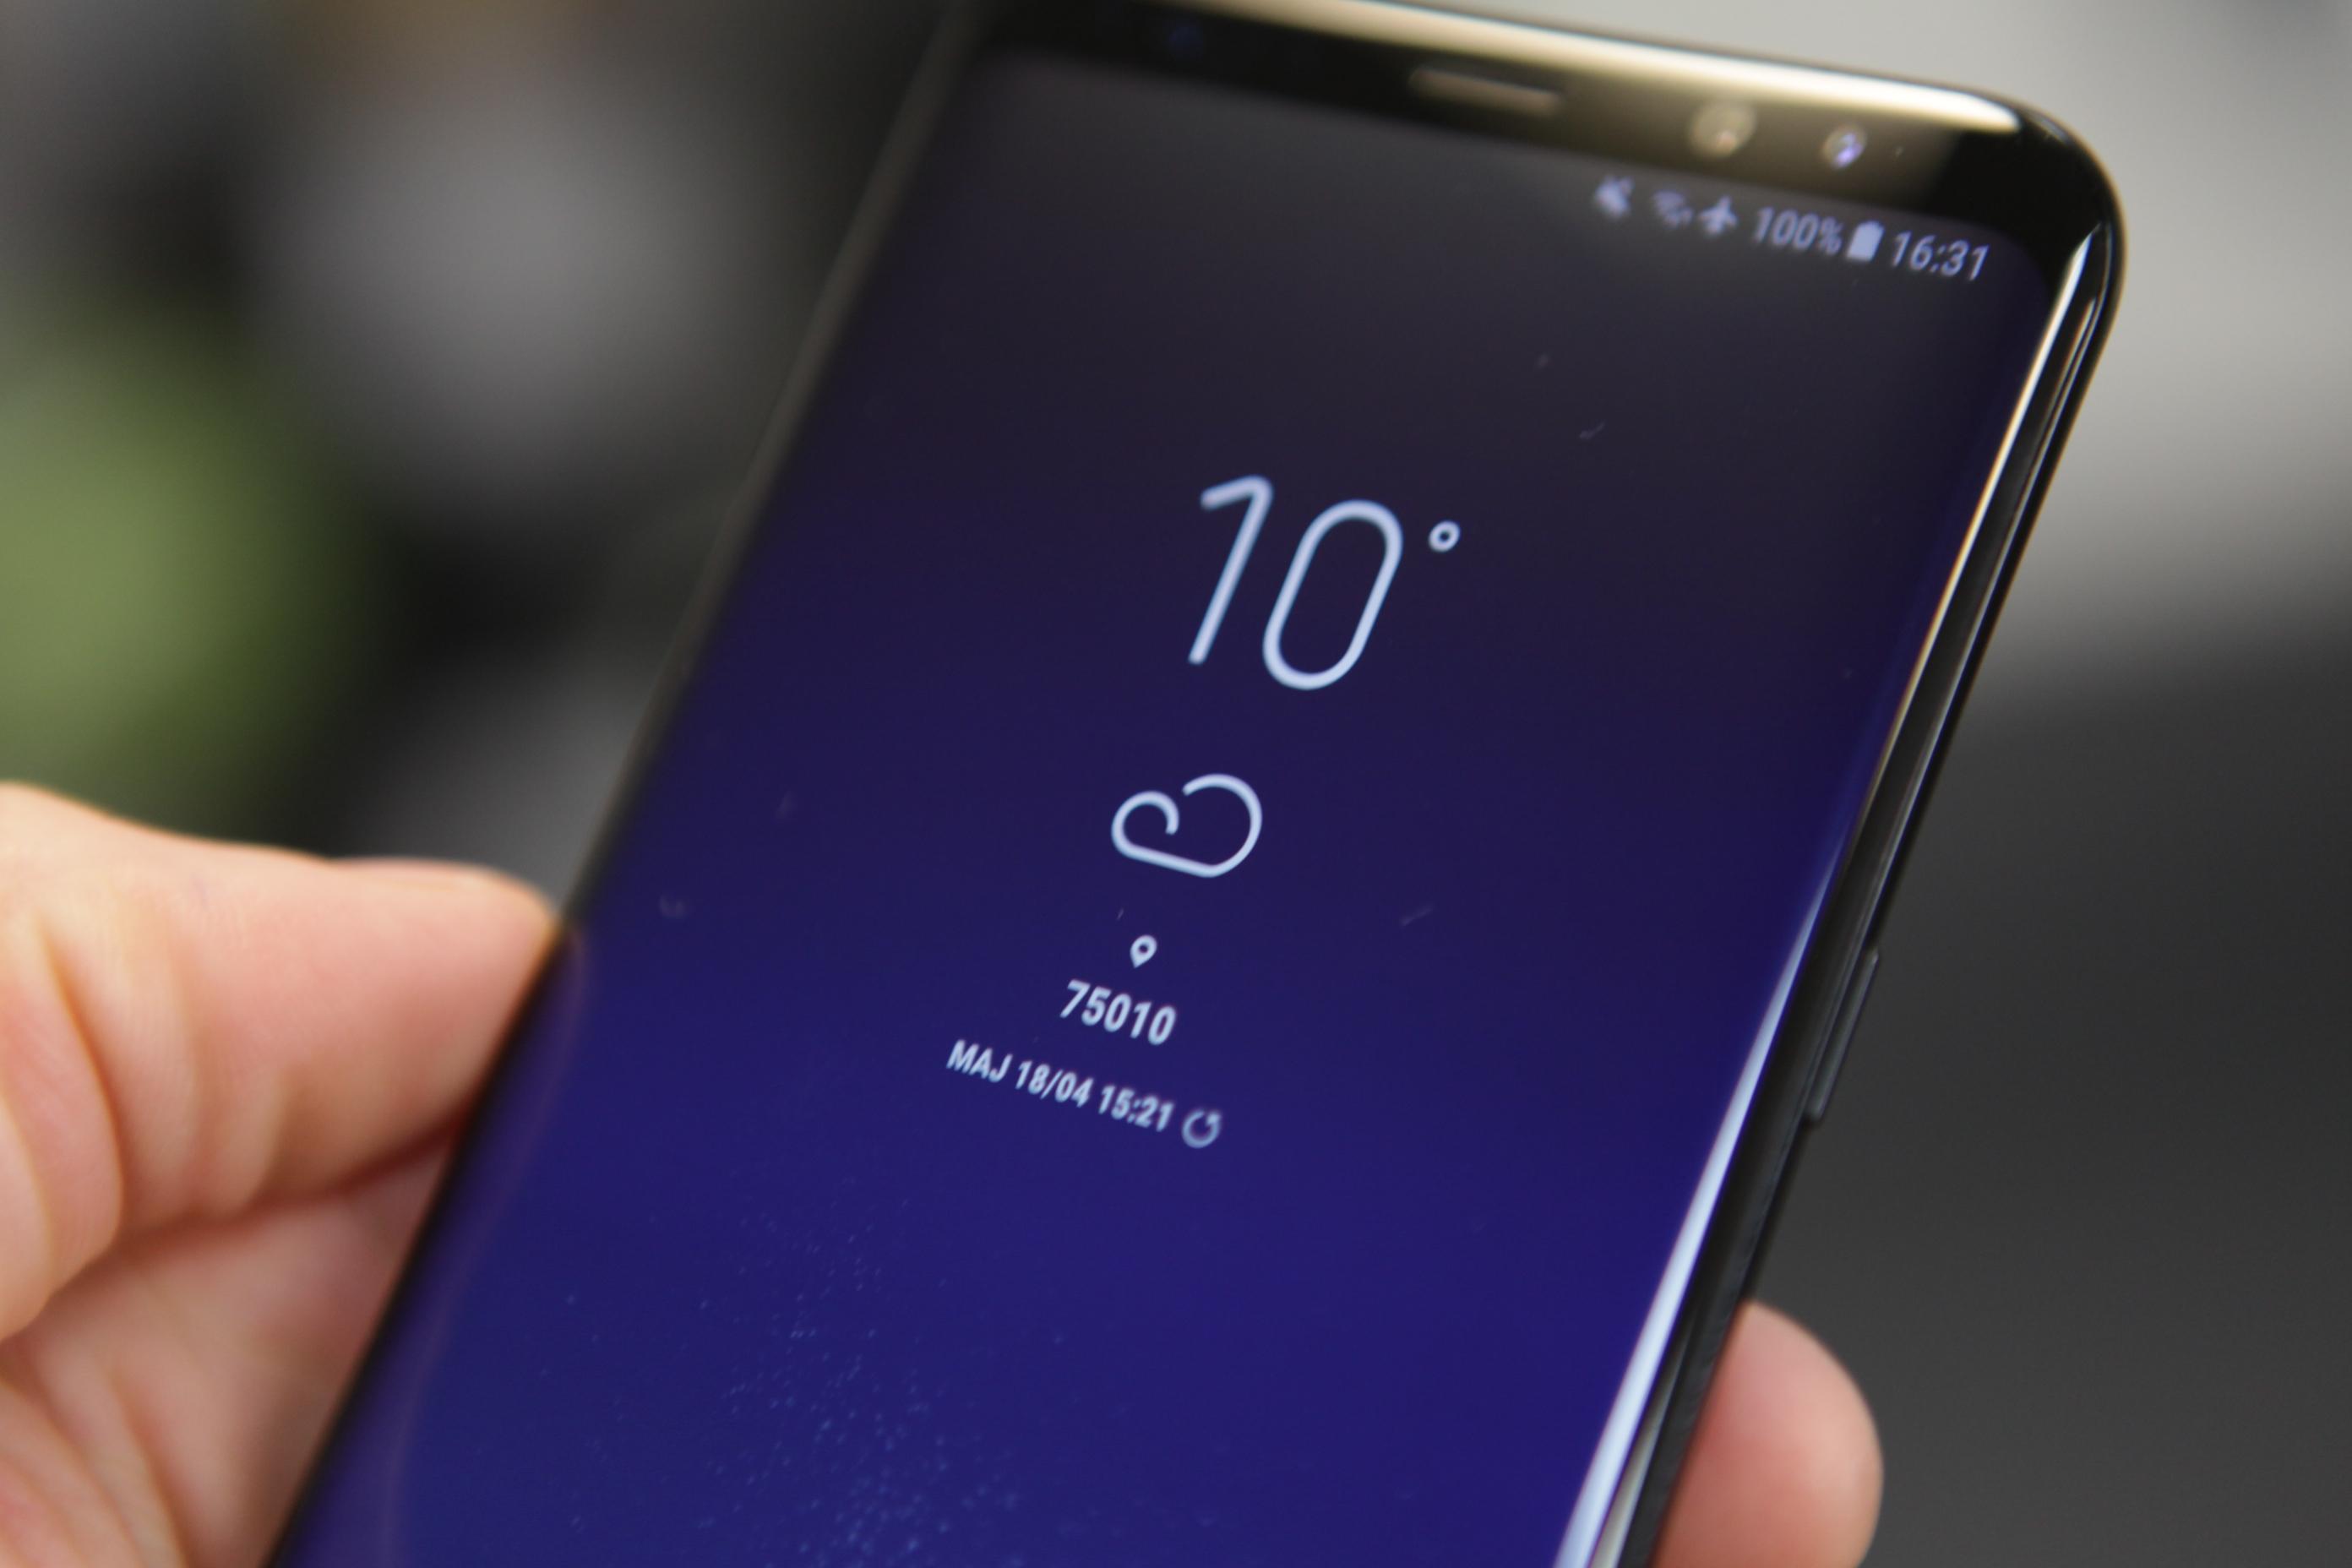 Le chiffre d'affaires de Samsung se porte bien, mais pas grâce au mobile